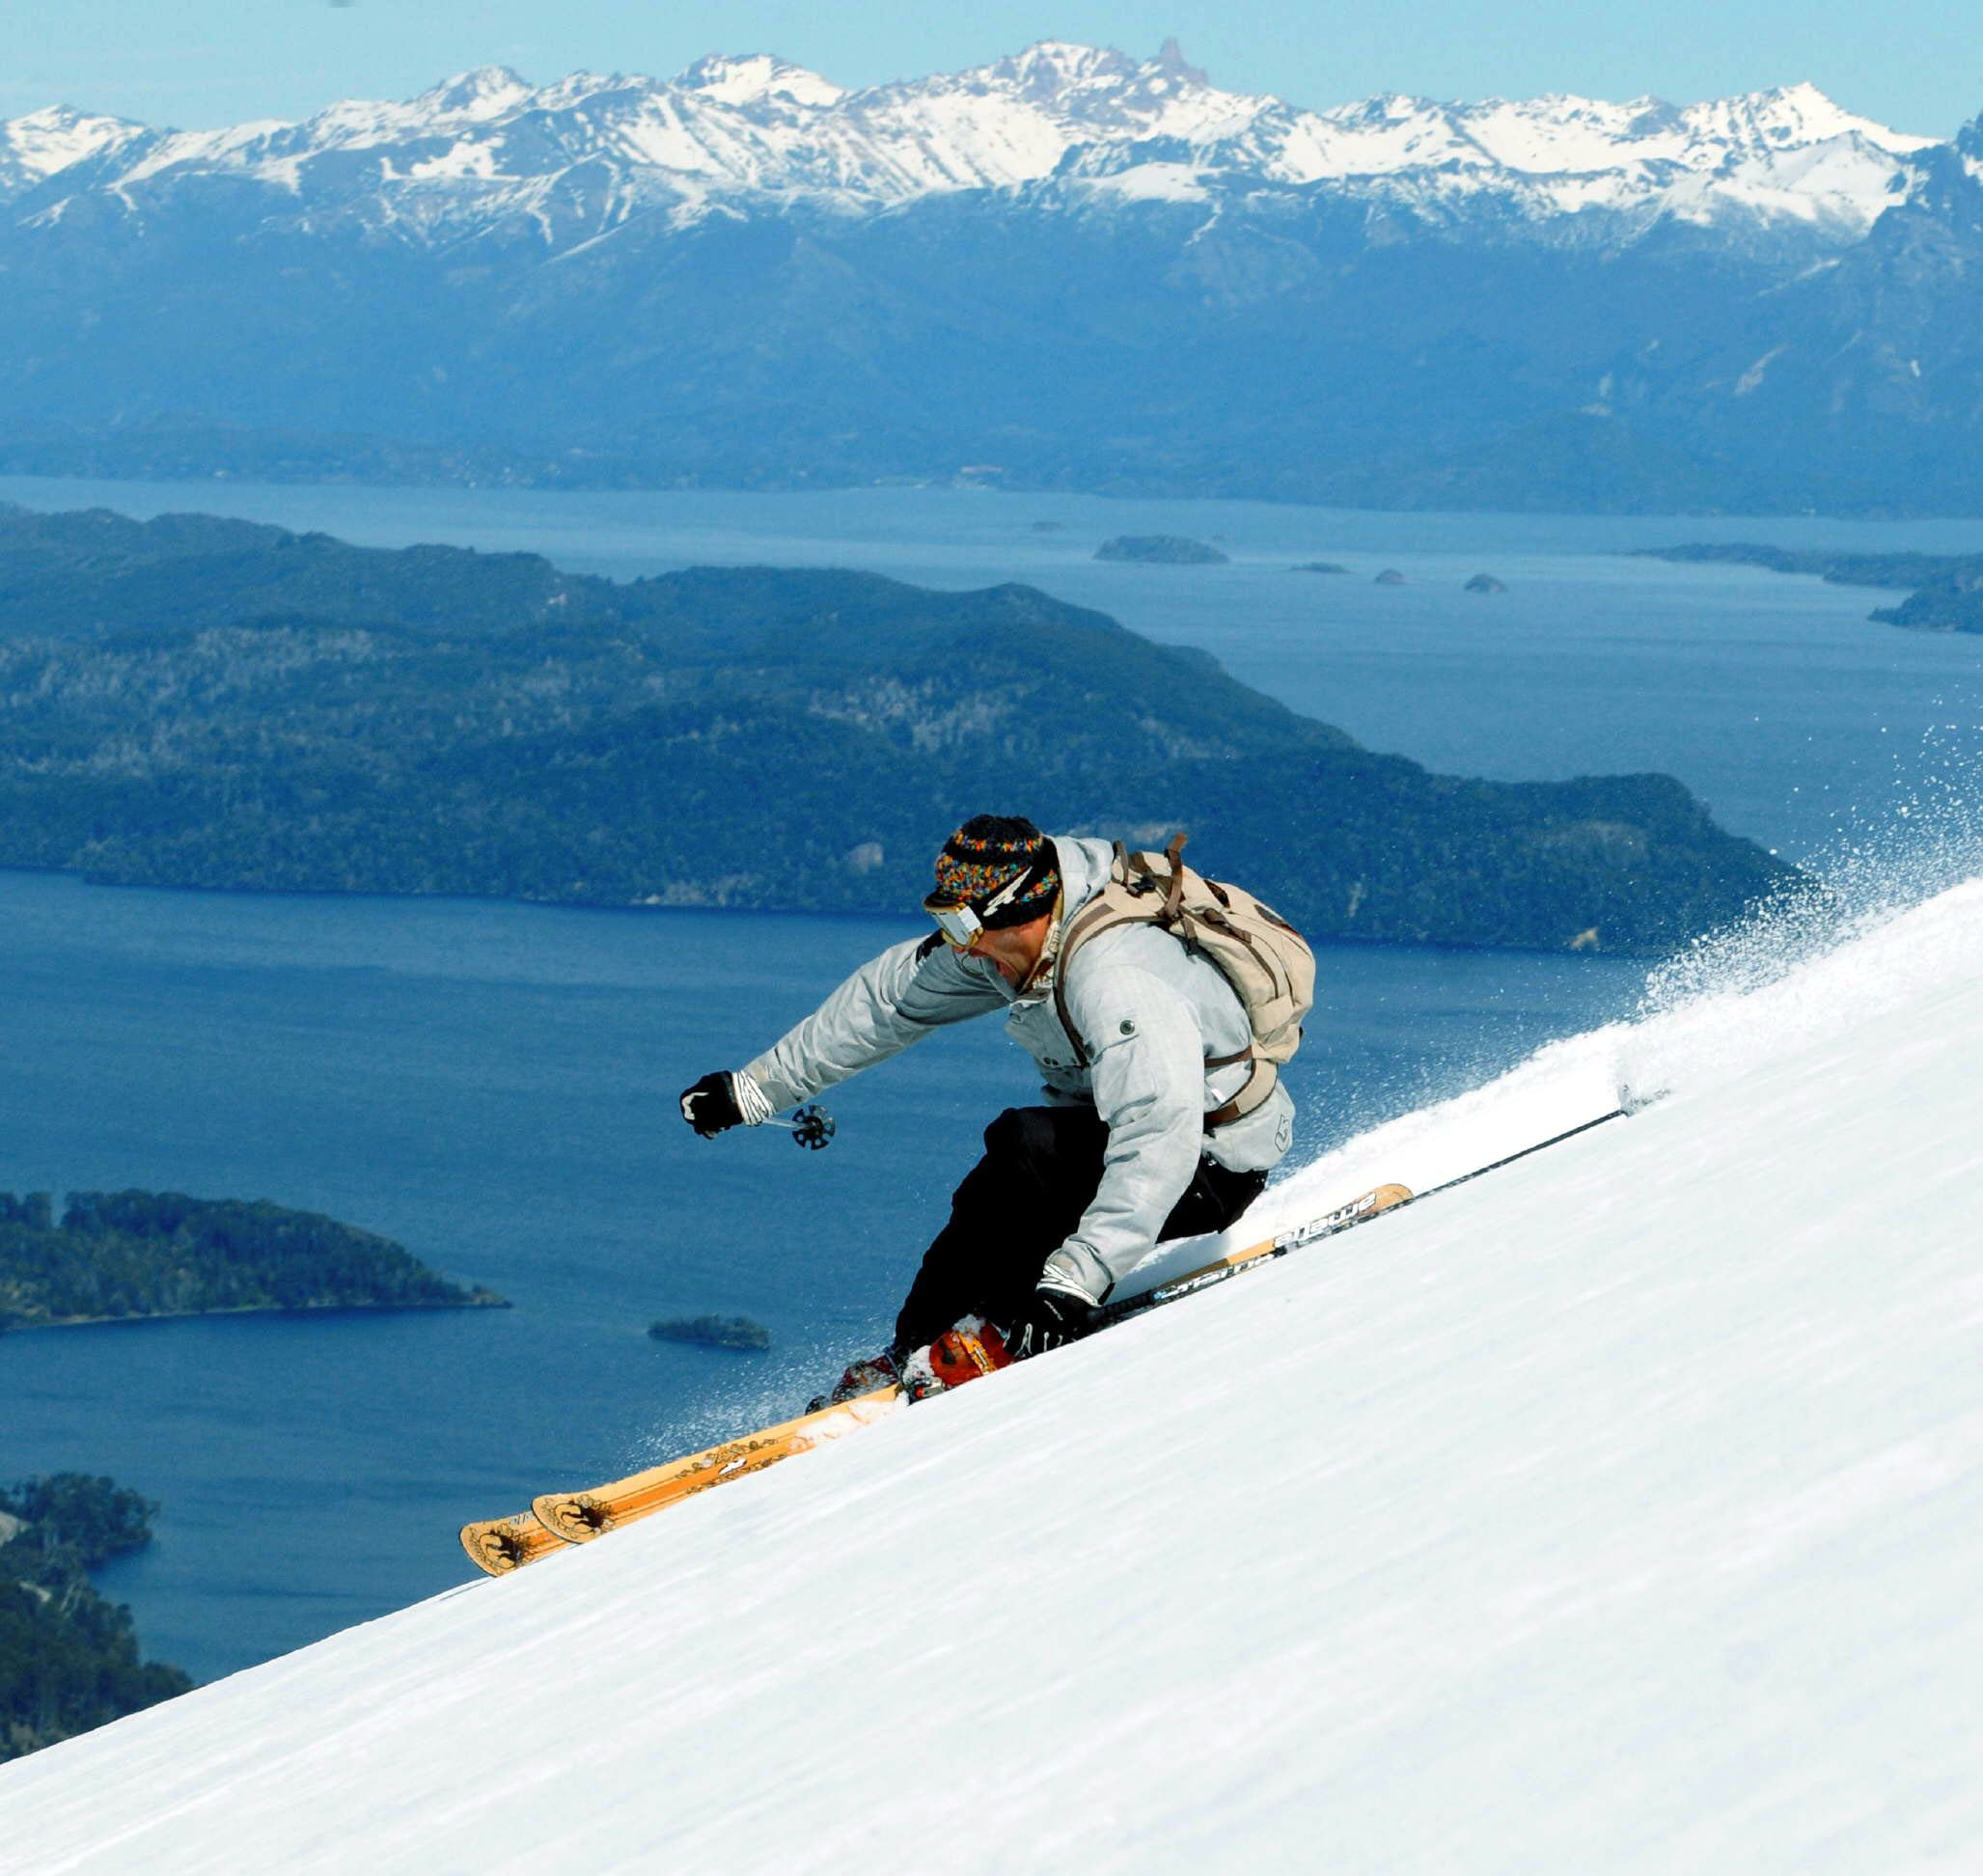 turismochile-esqui